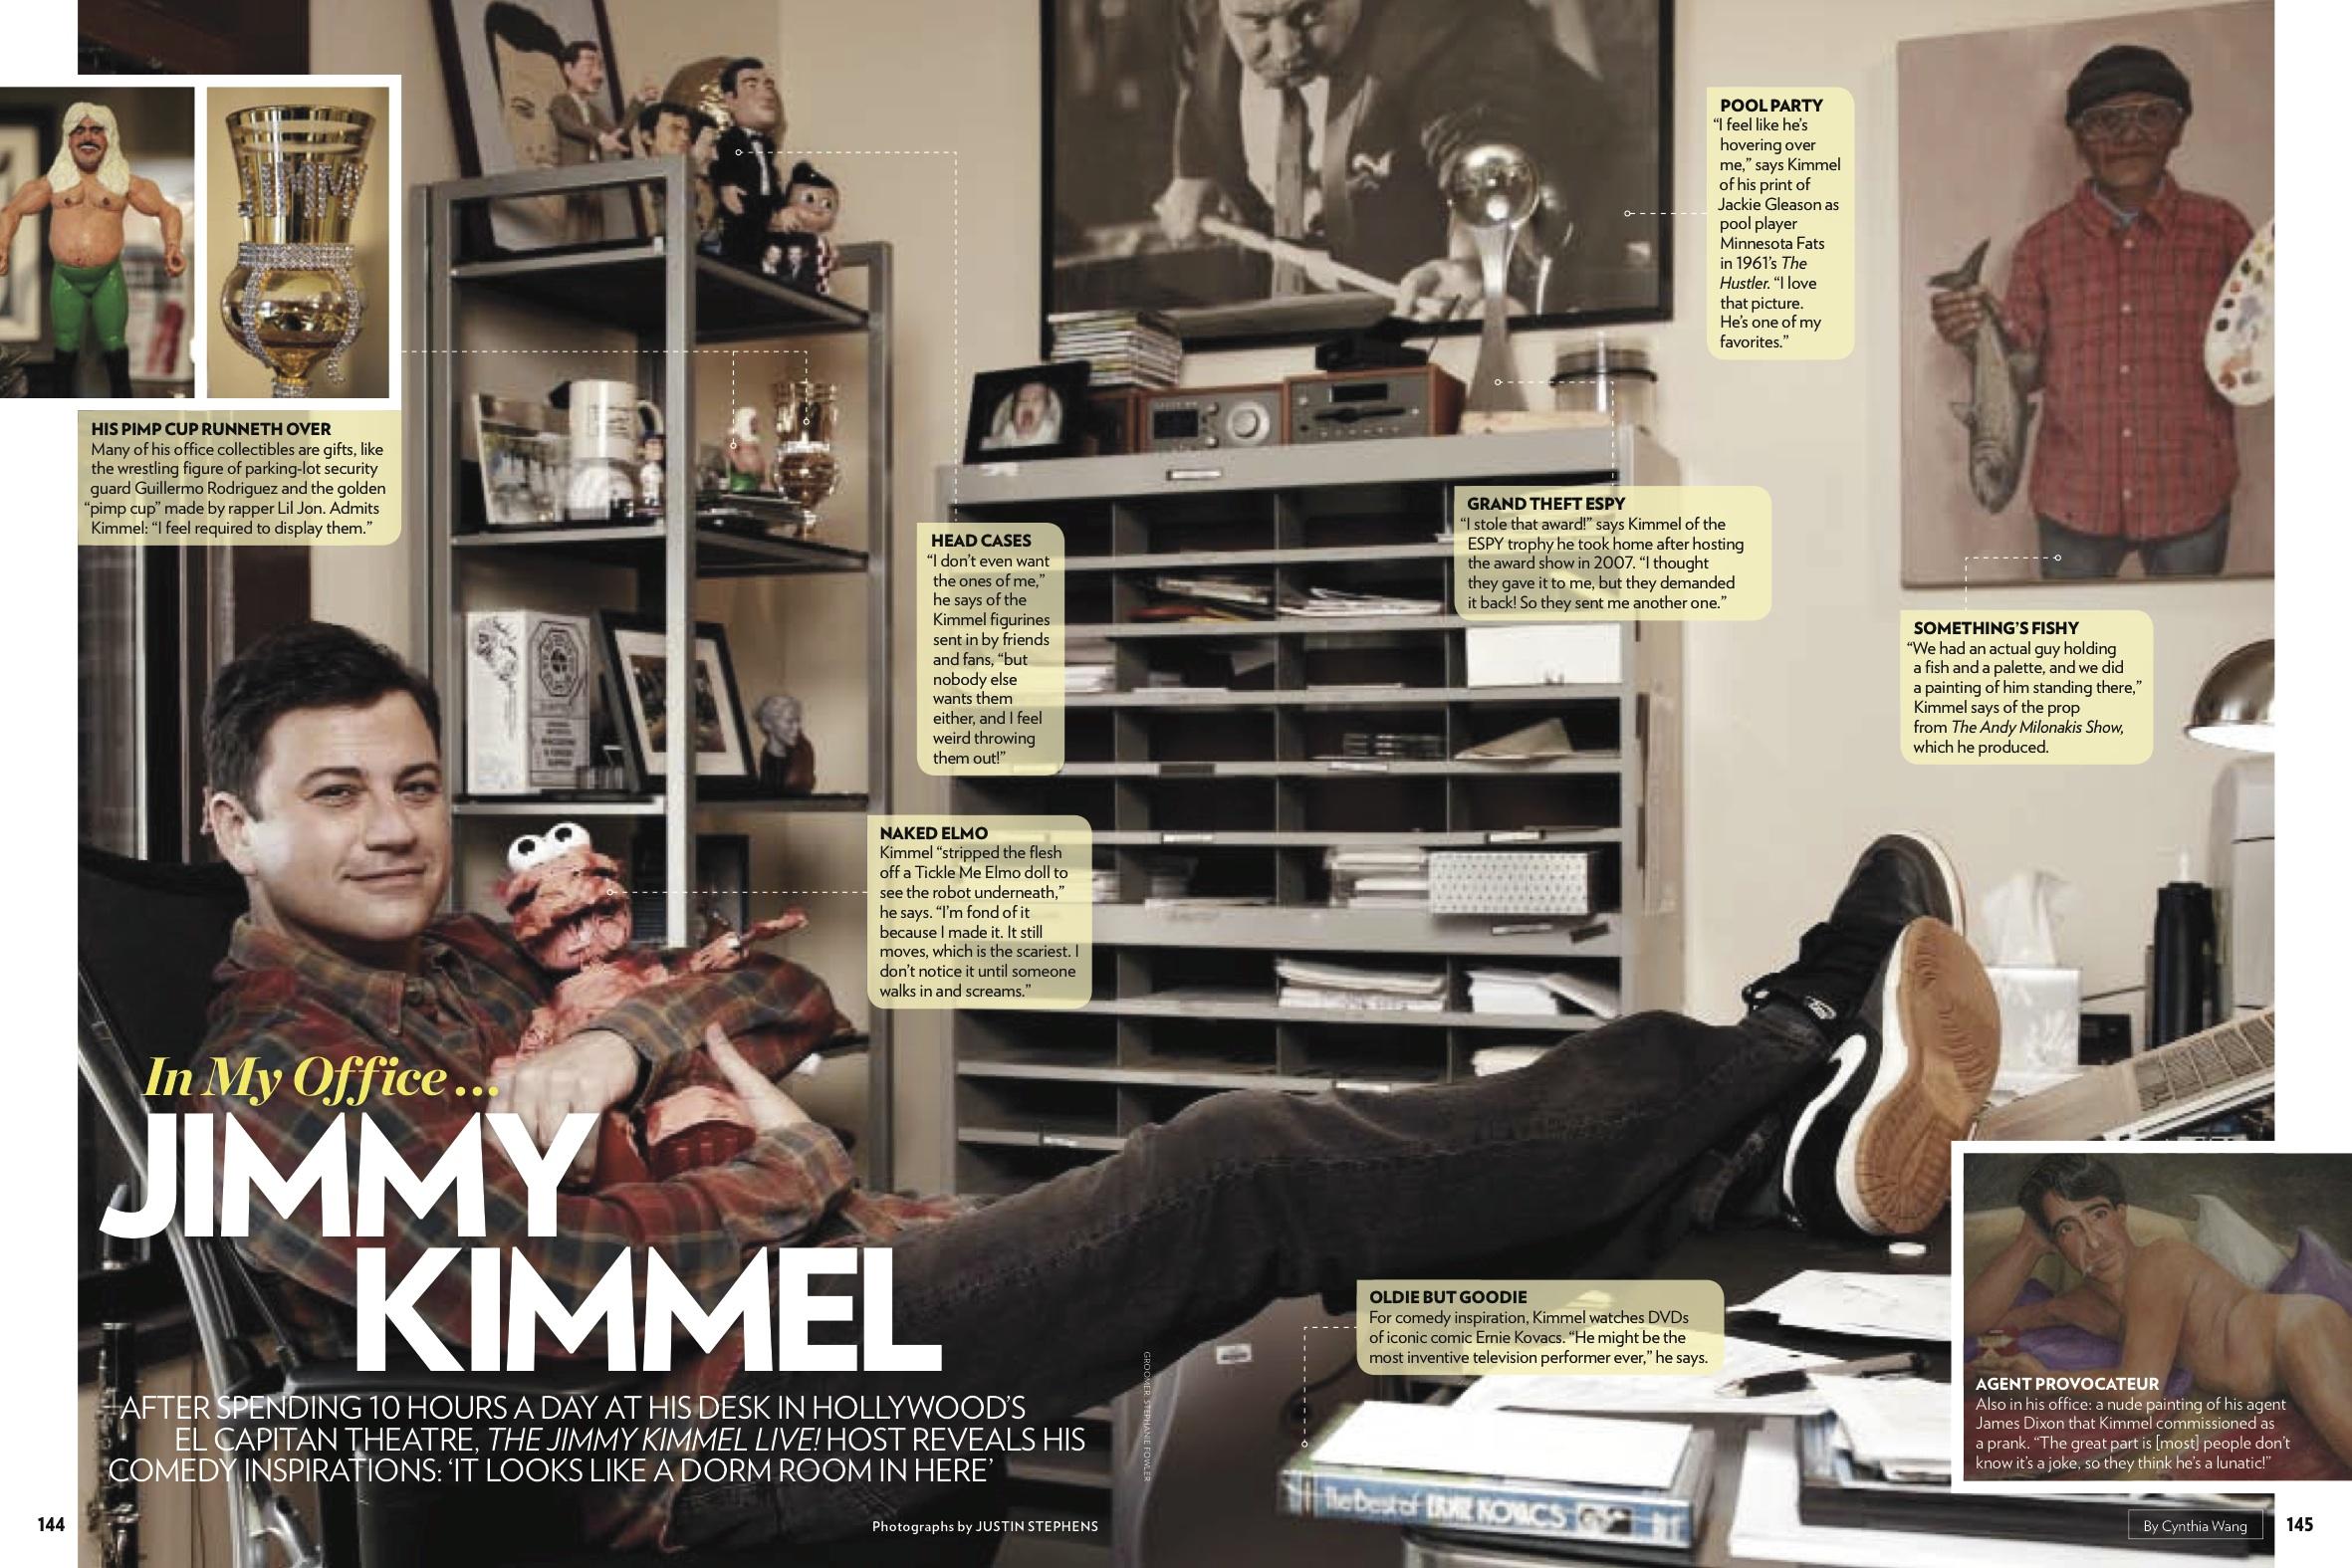 JimmyKimmelOffice.jpg